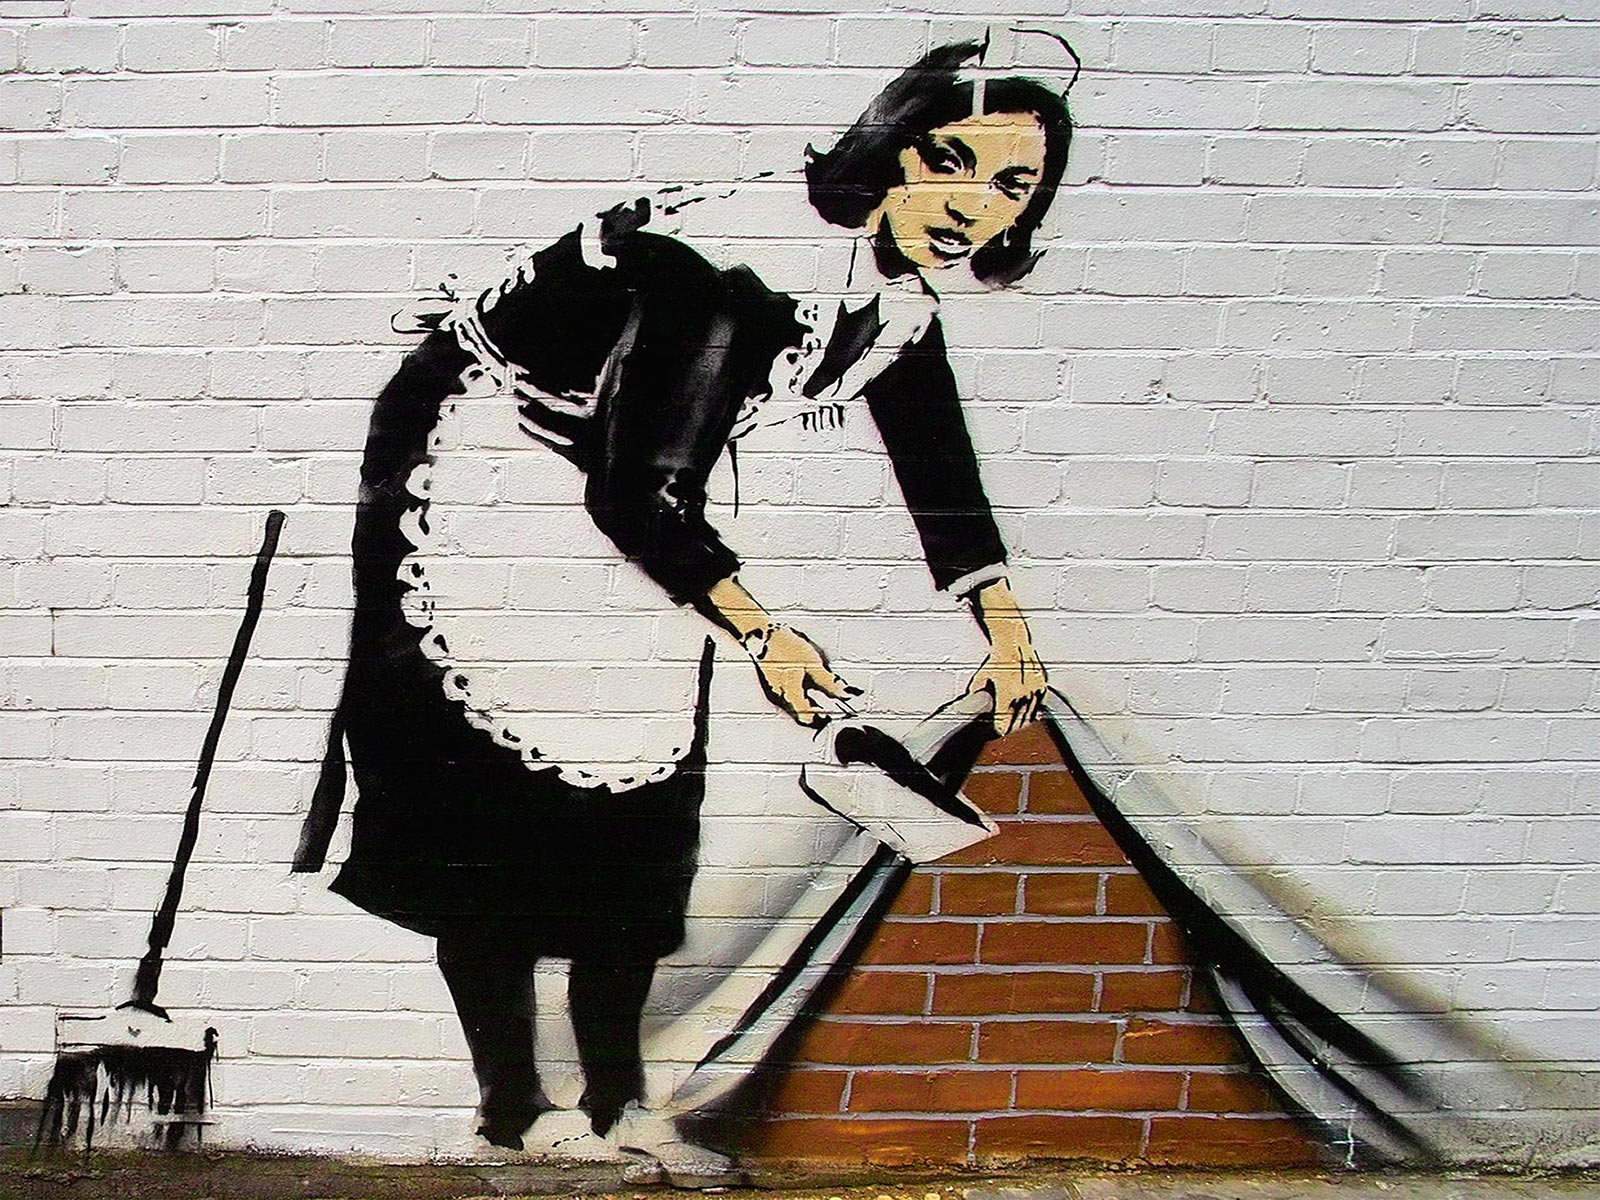 sweeper2.jpg